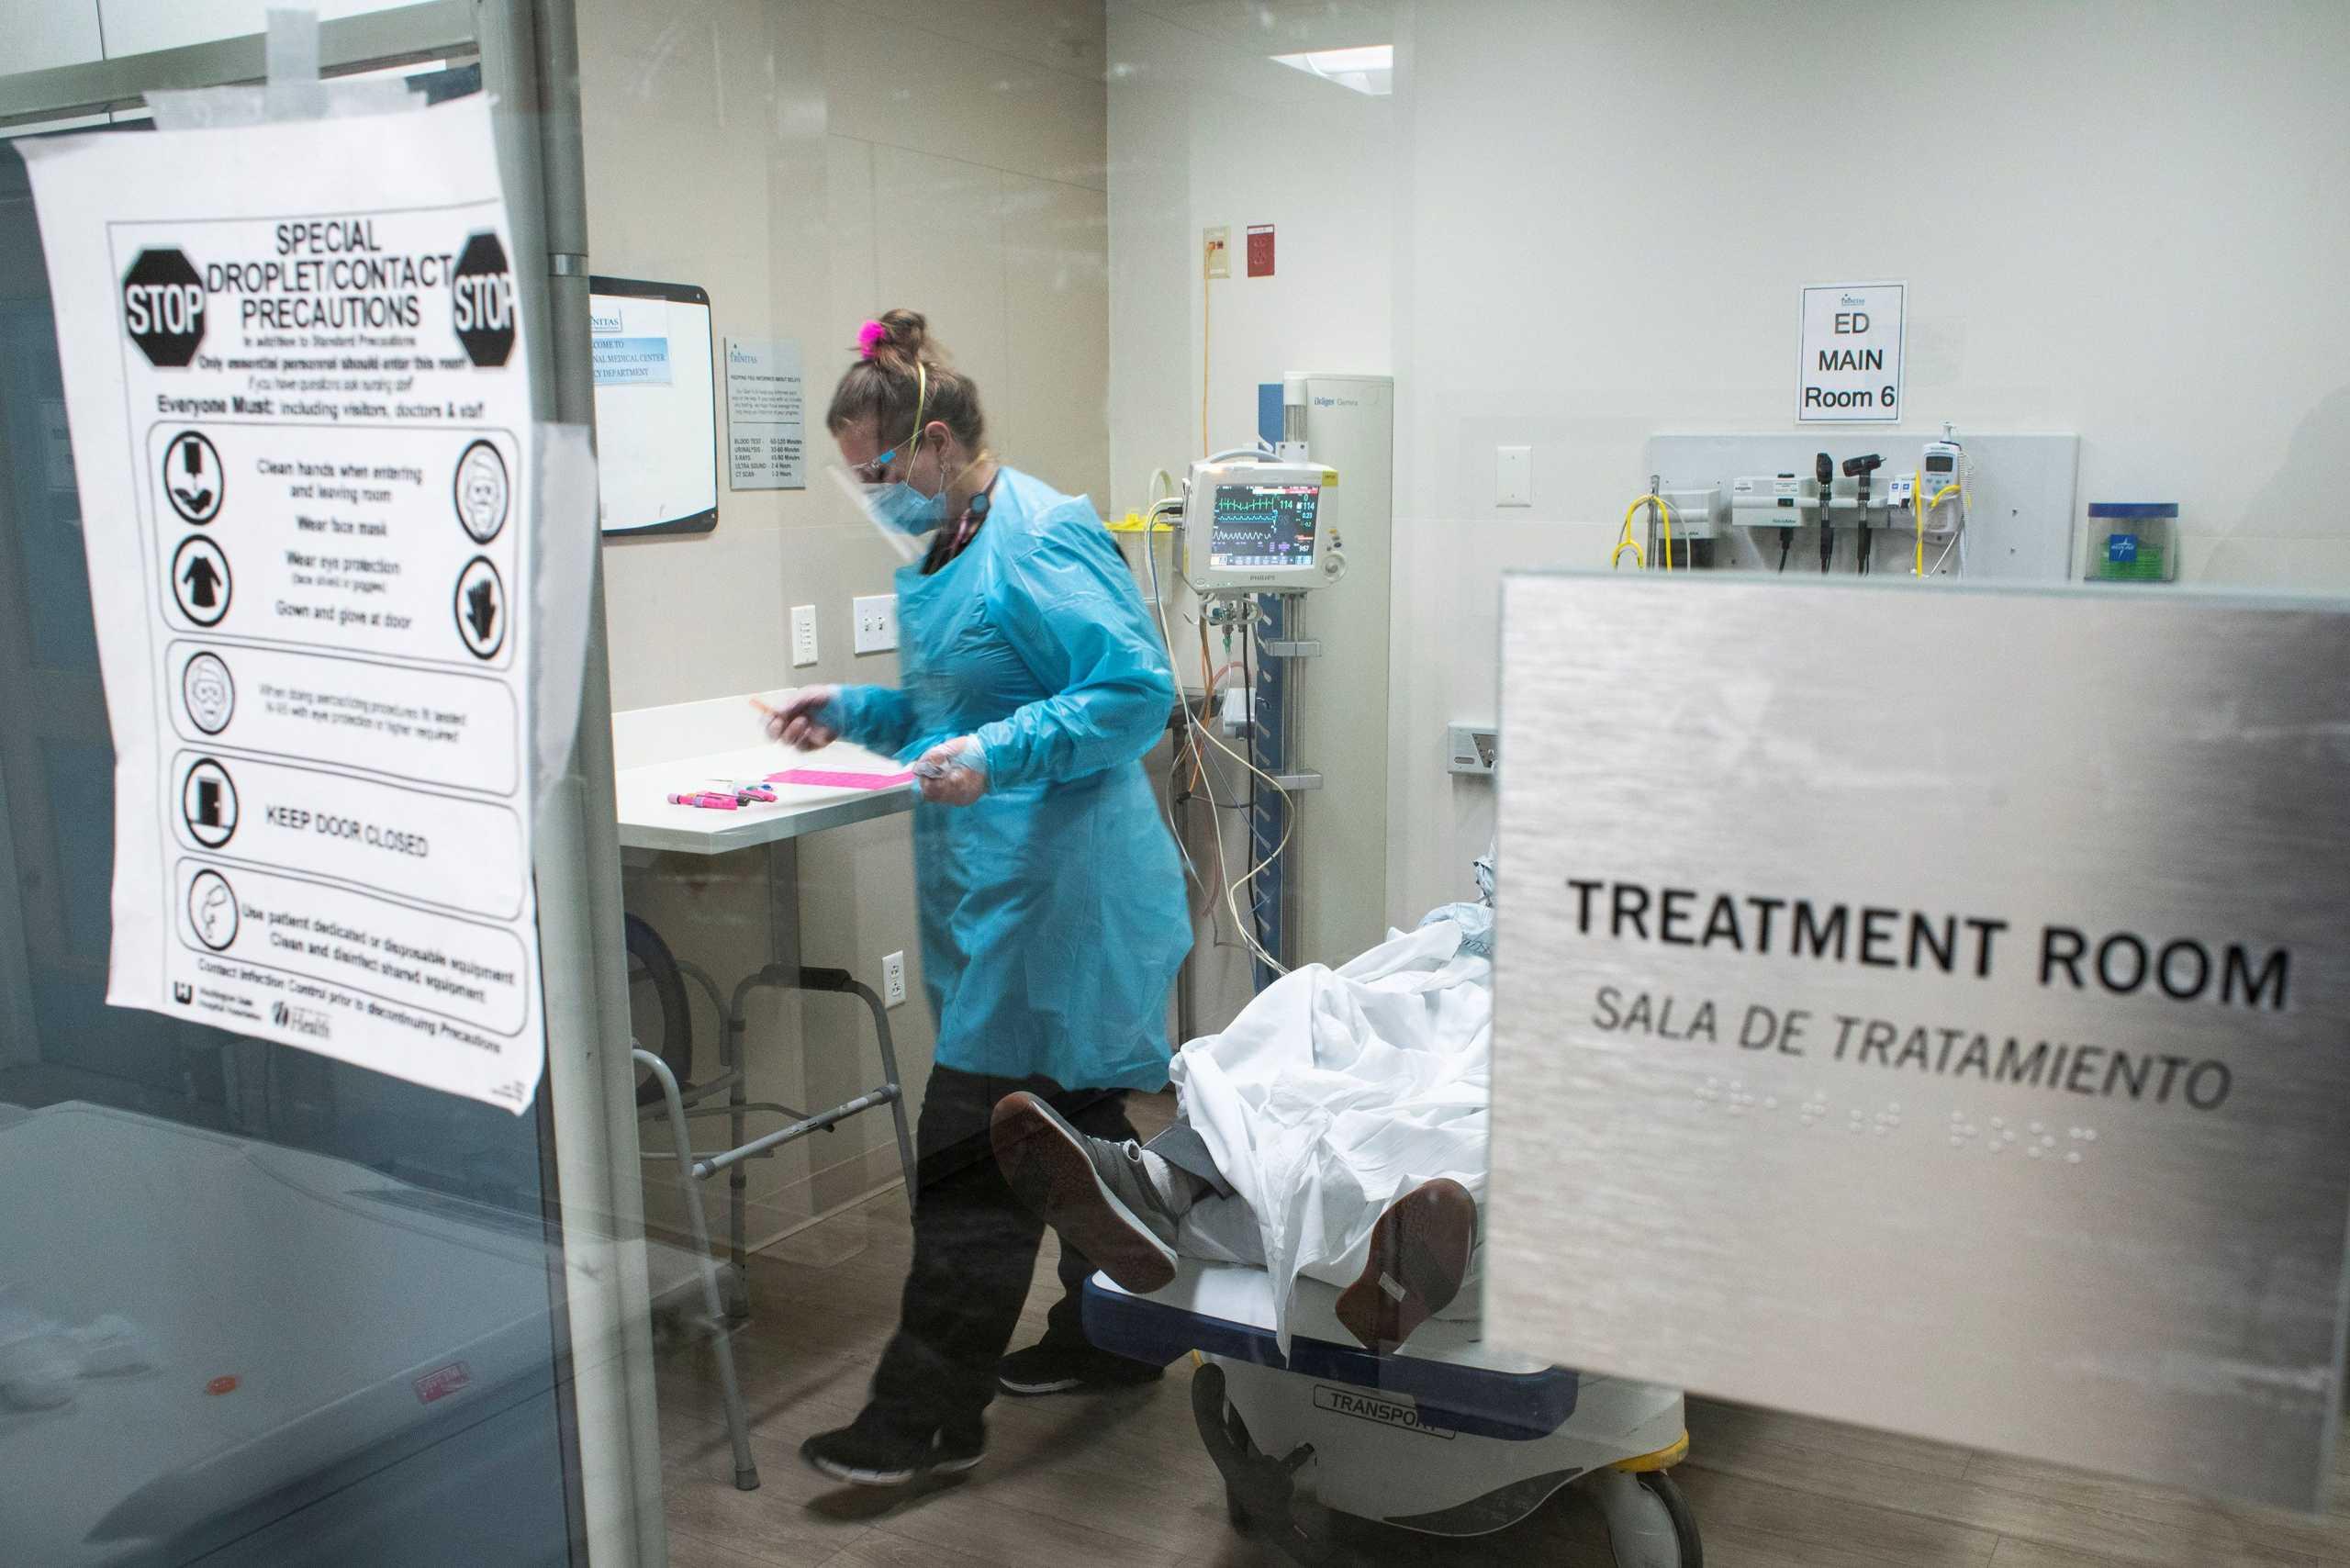 ΗΠΑ: Απολύθηκαν ή παραιτήθηκαν 150 εργαζόμενοι νοσοκομείου στο Τέξας που αρνήθηκαν να εμβολιαστούν